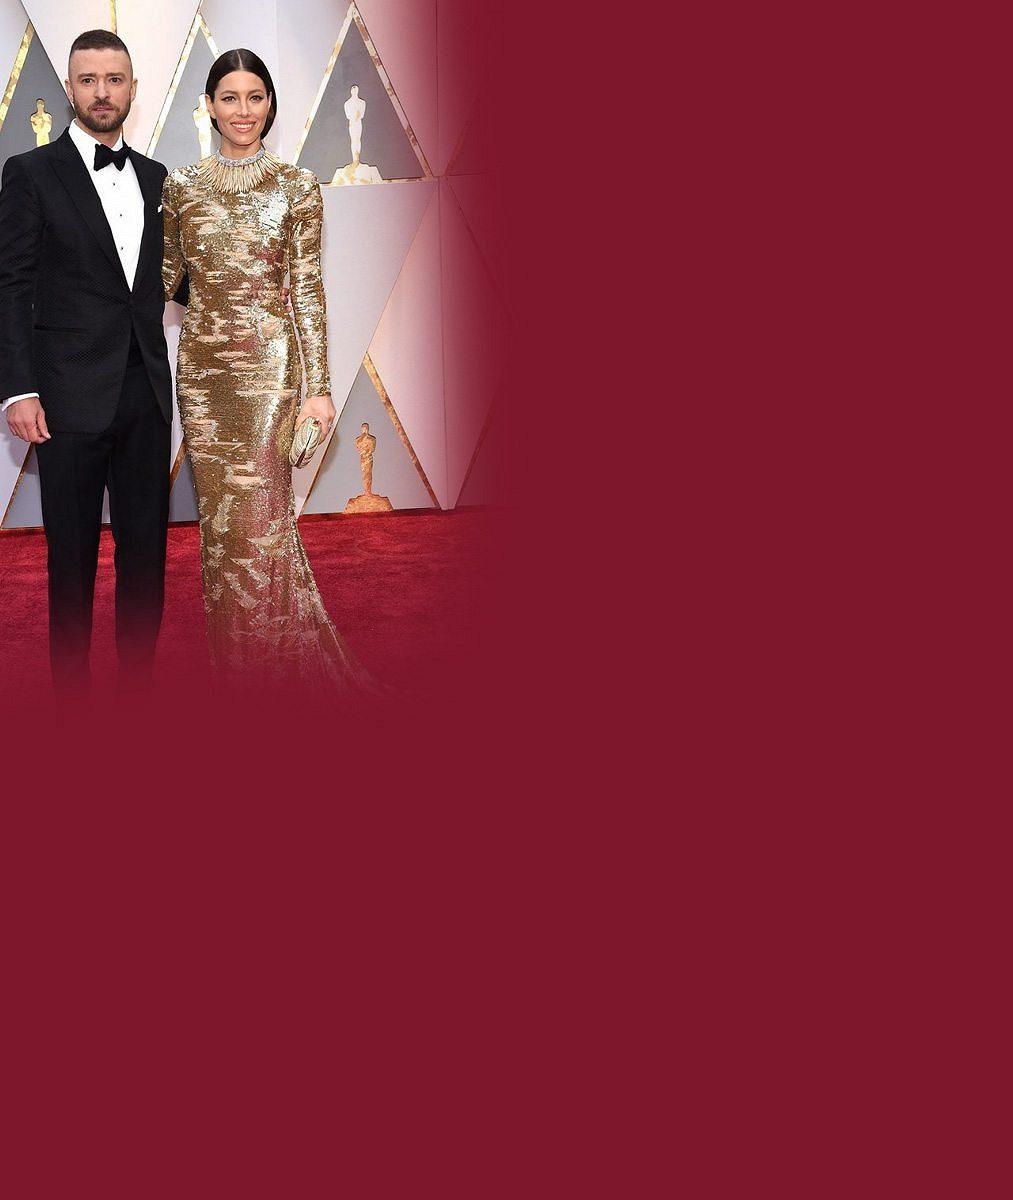 Bude Justin Timberlake spokojeným divákem? Jeho manželka natočila pikantní scény s jiným mužem